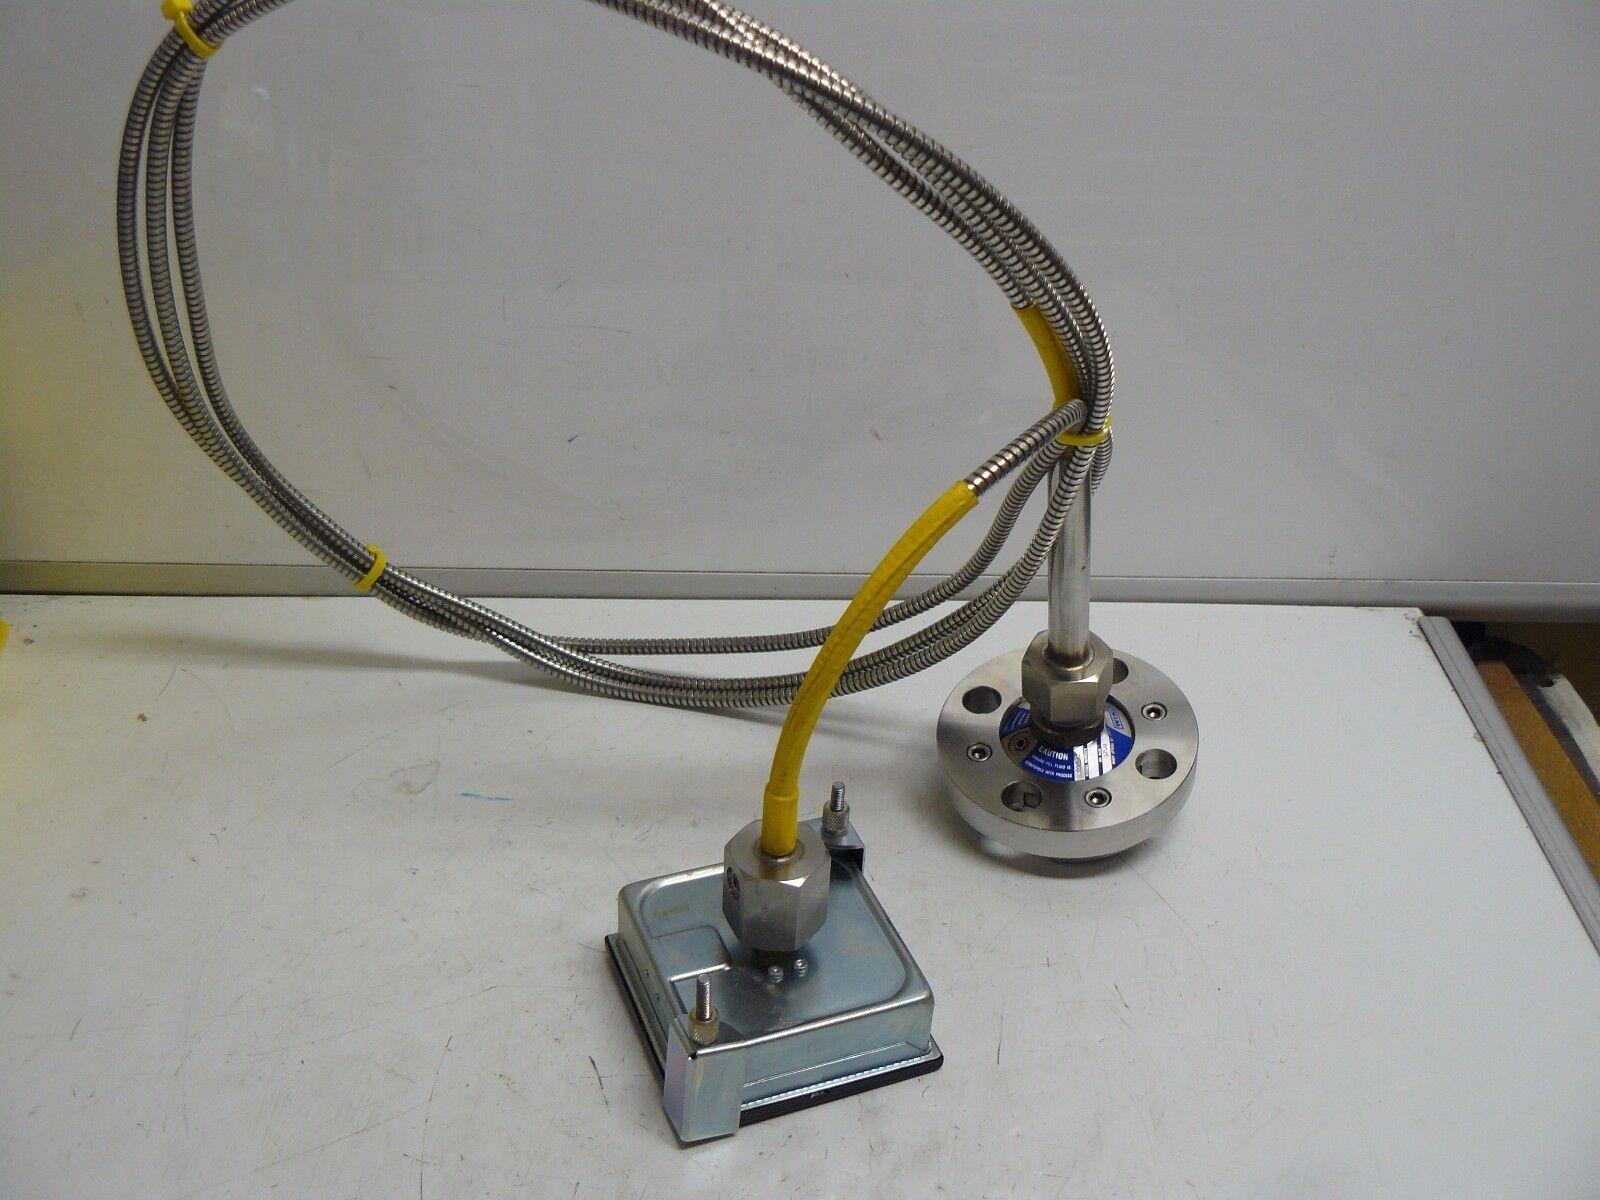 Nuevo Wika Indicador 990.12 Manómetro 0-60 Psi MWp 3750 Psig Con Indicador Wika 754234